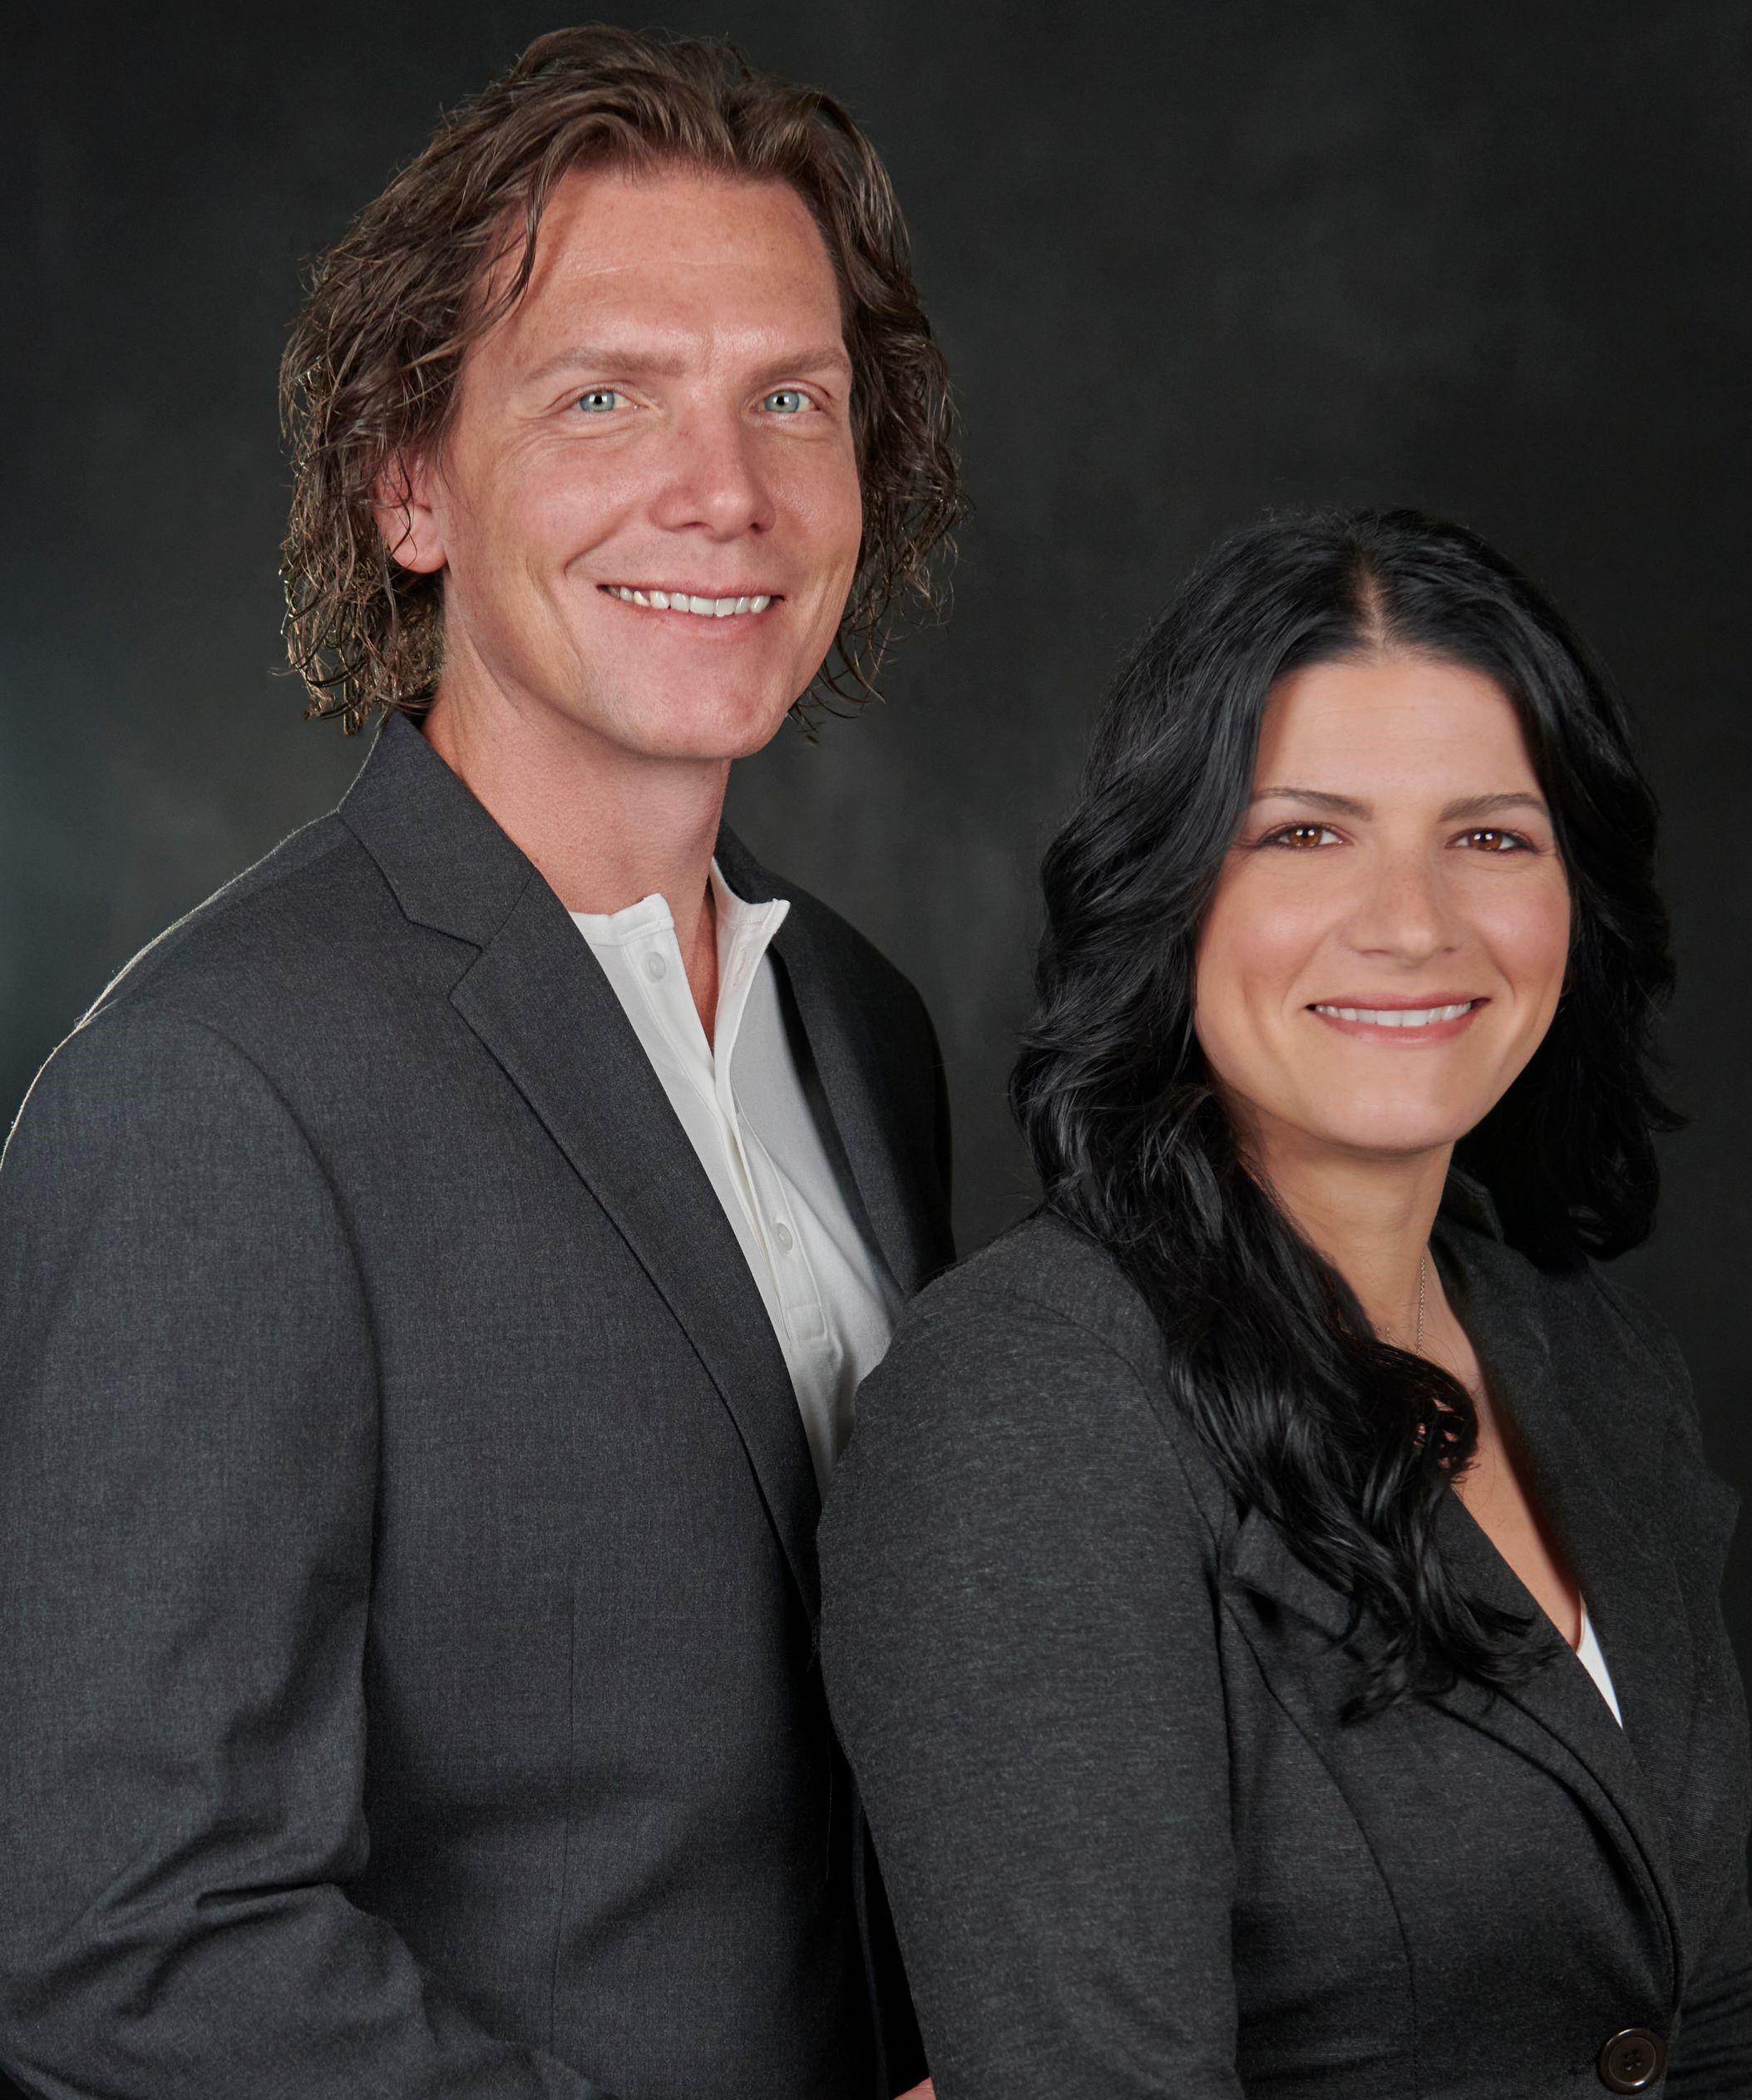 Brian & Kelly